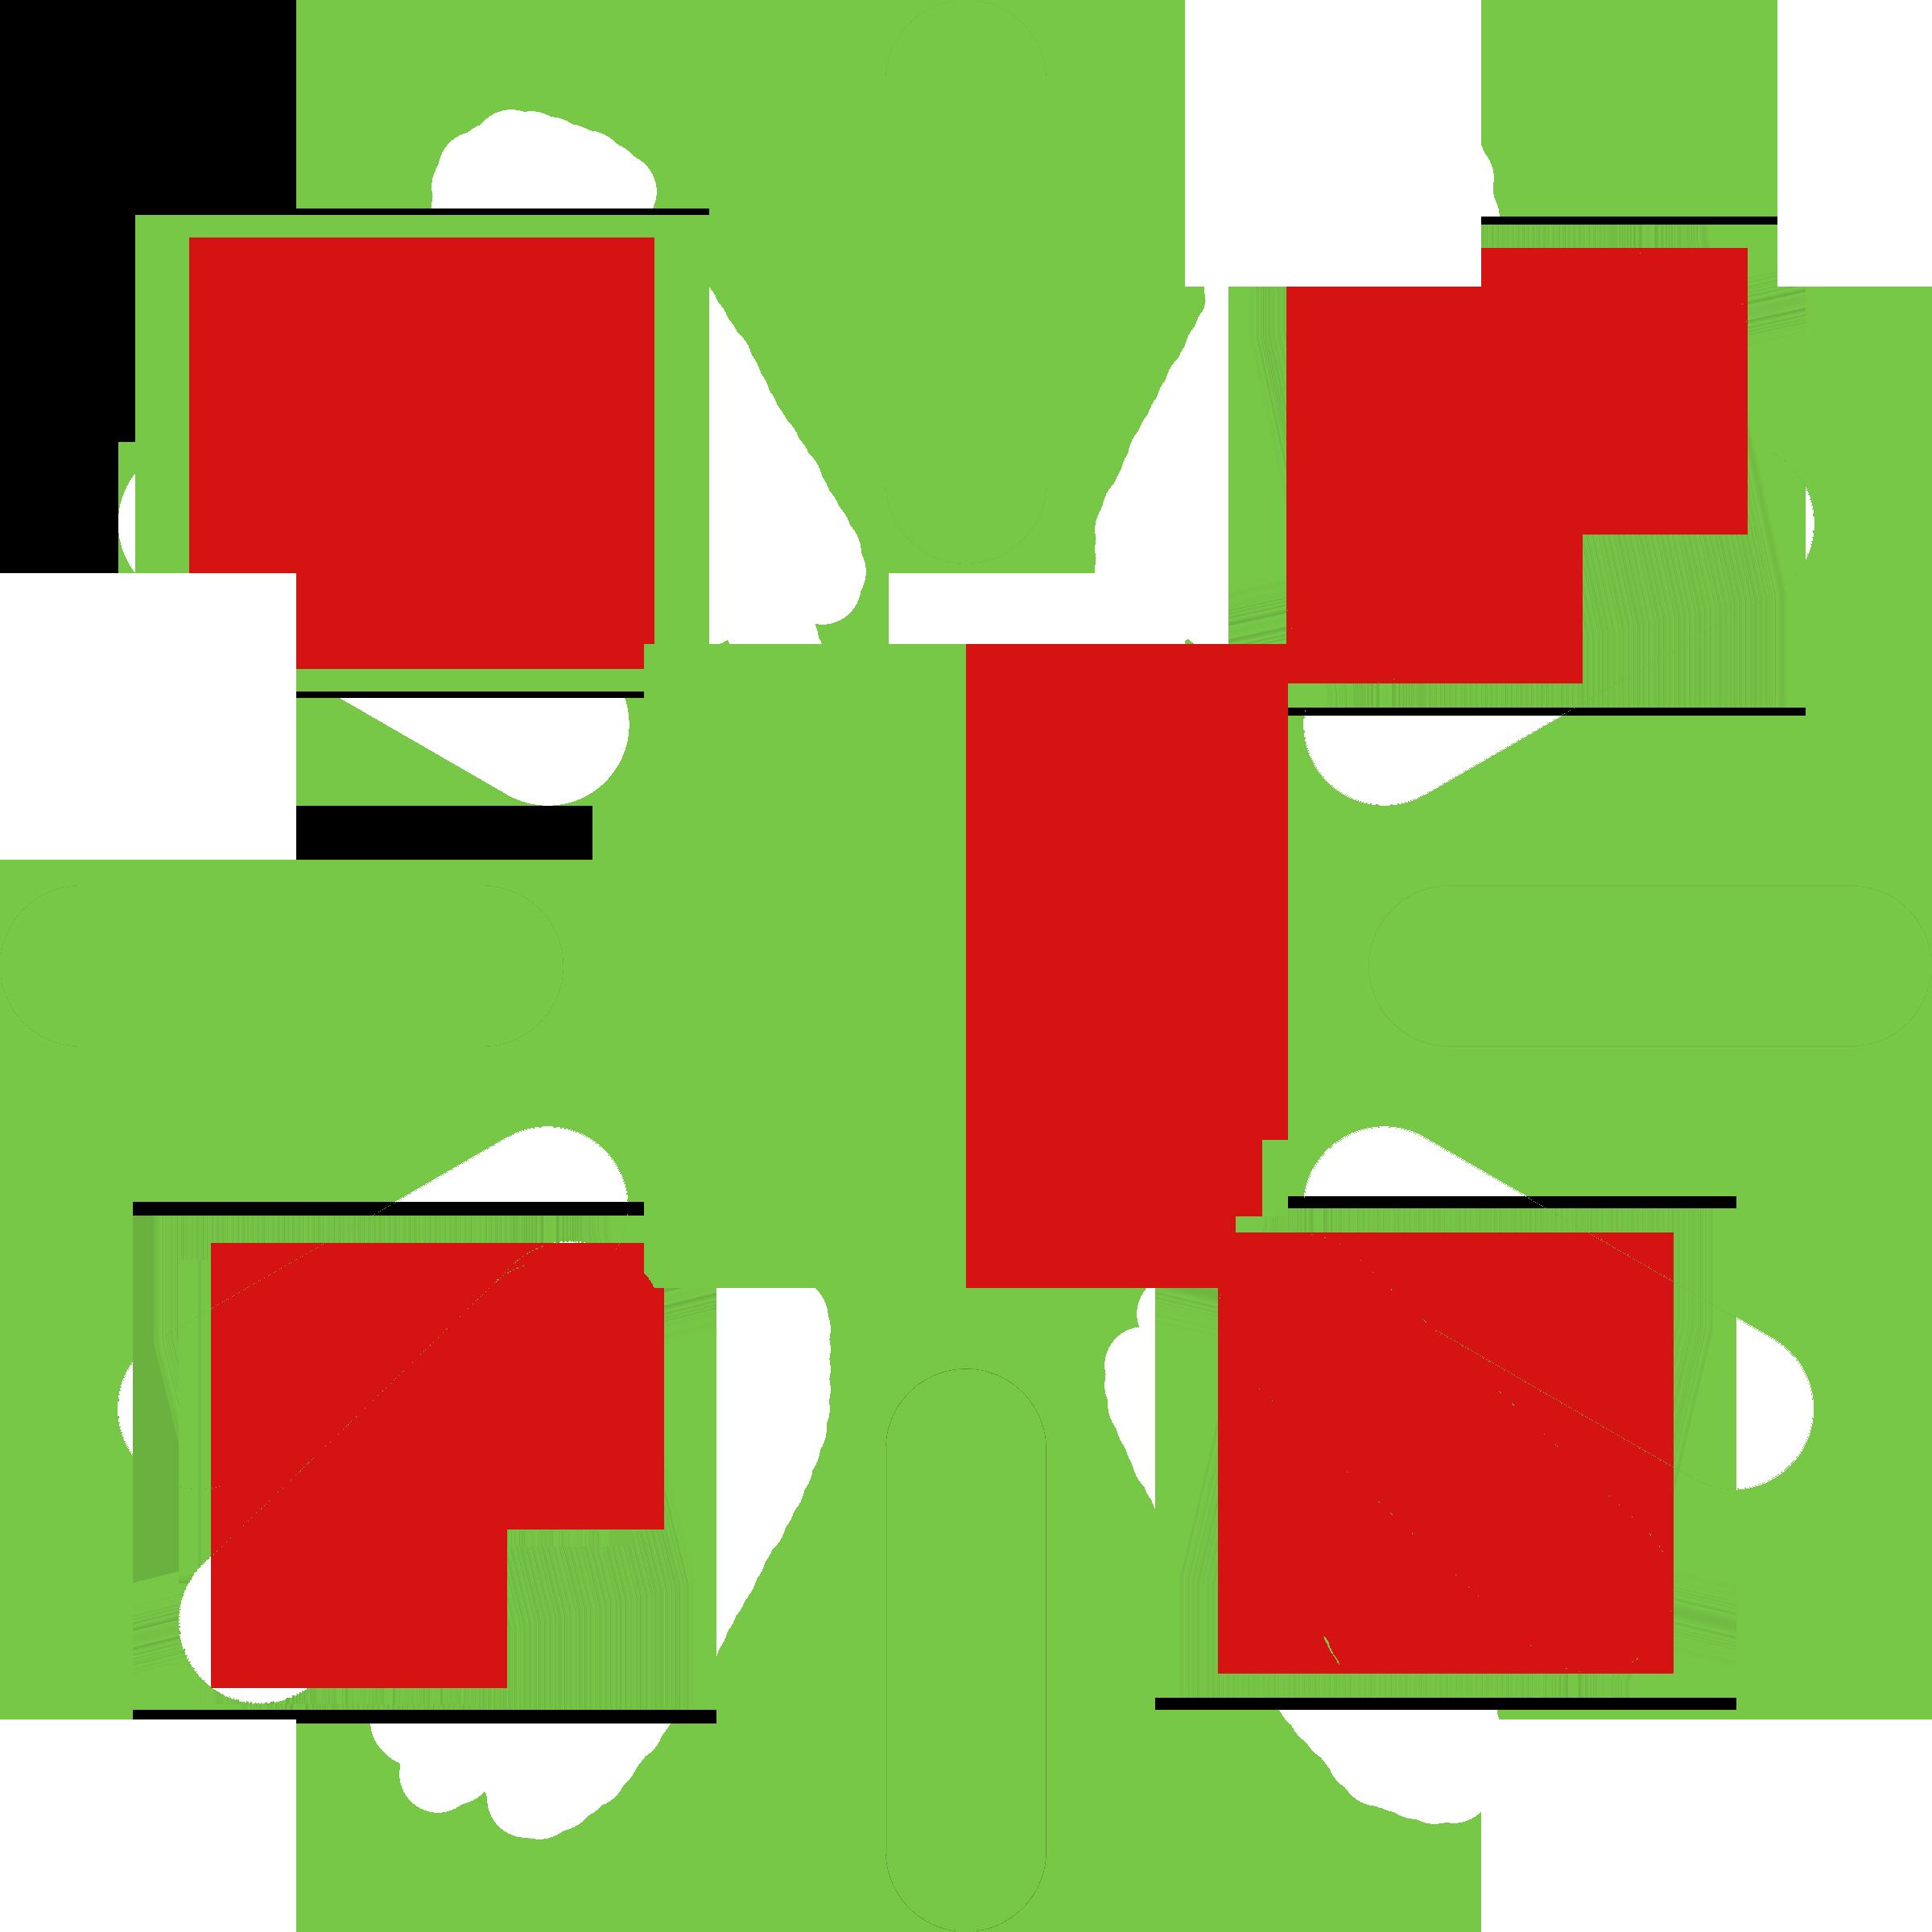 نشانگر سبز و قرمز چشمکزن